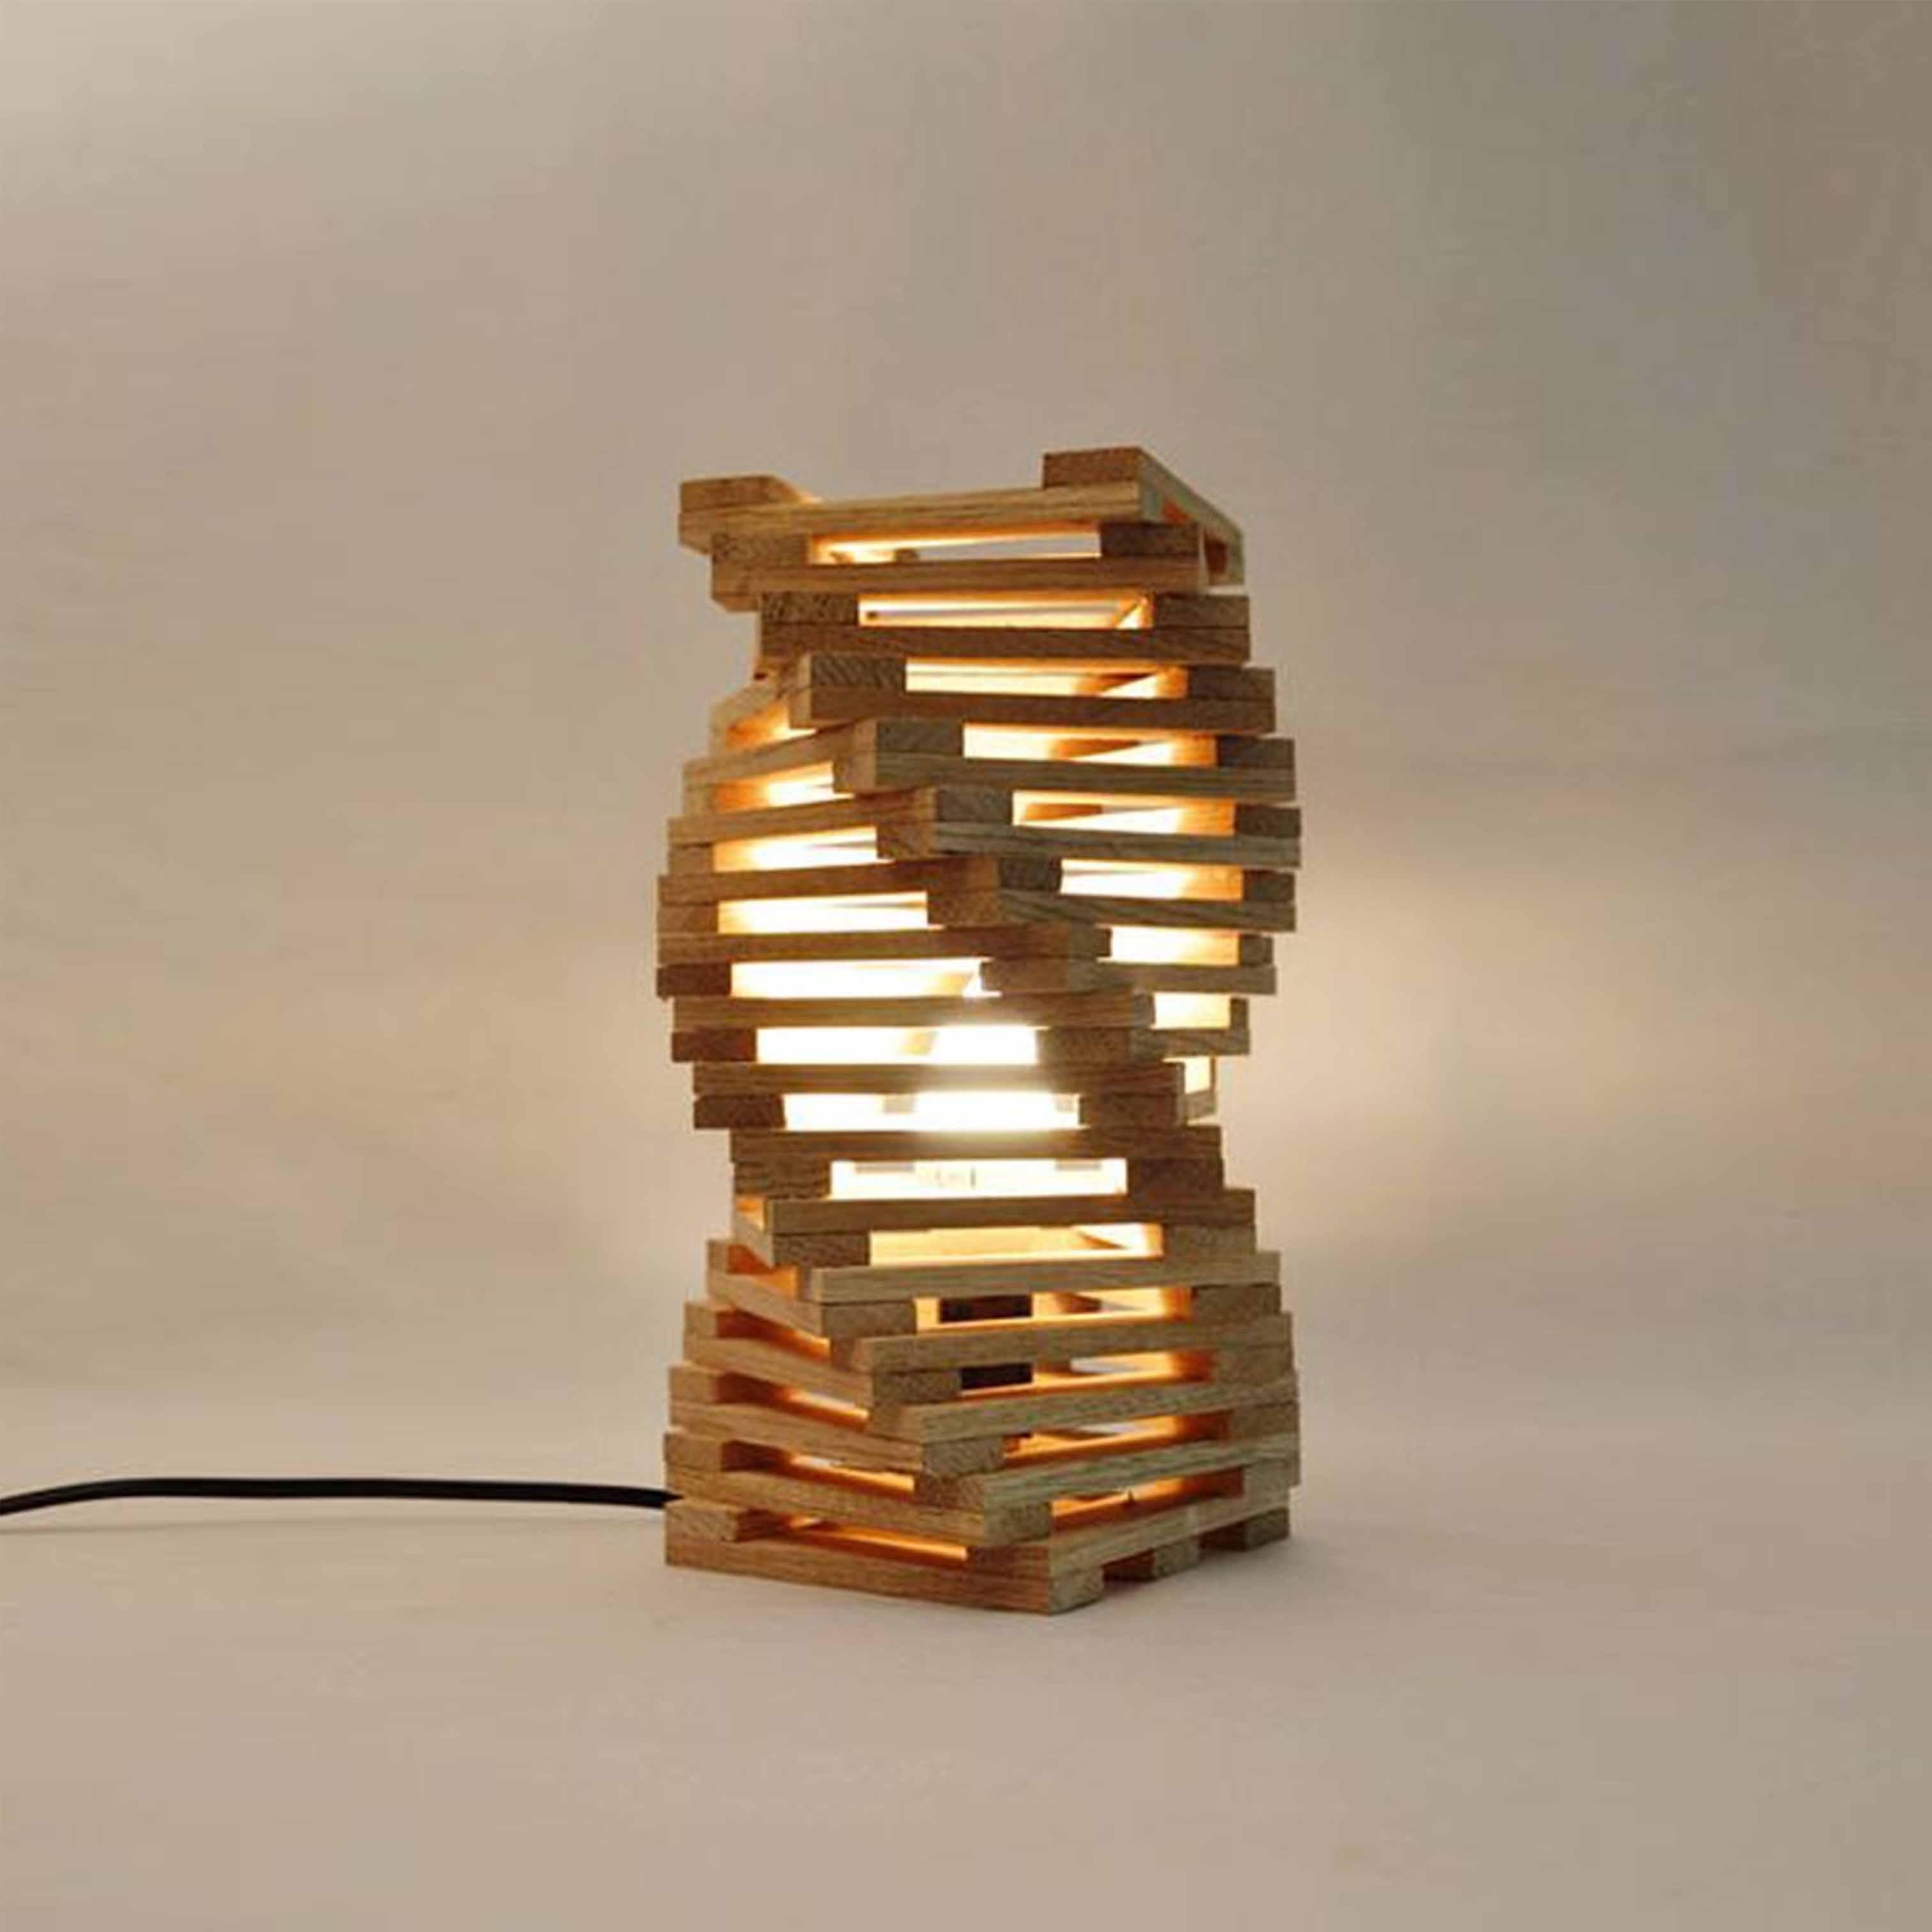 Đèn gỗ trang trí nghệ thuật - D54LHFU